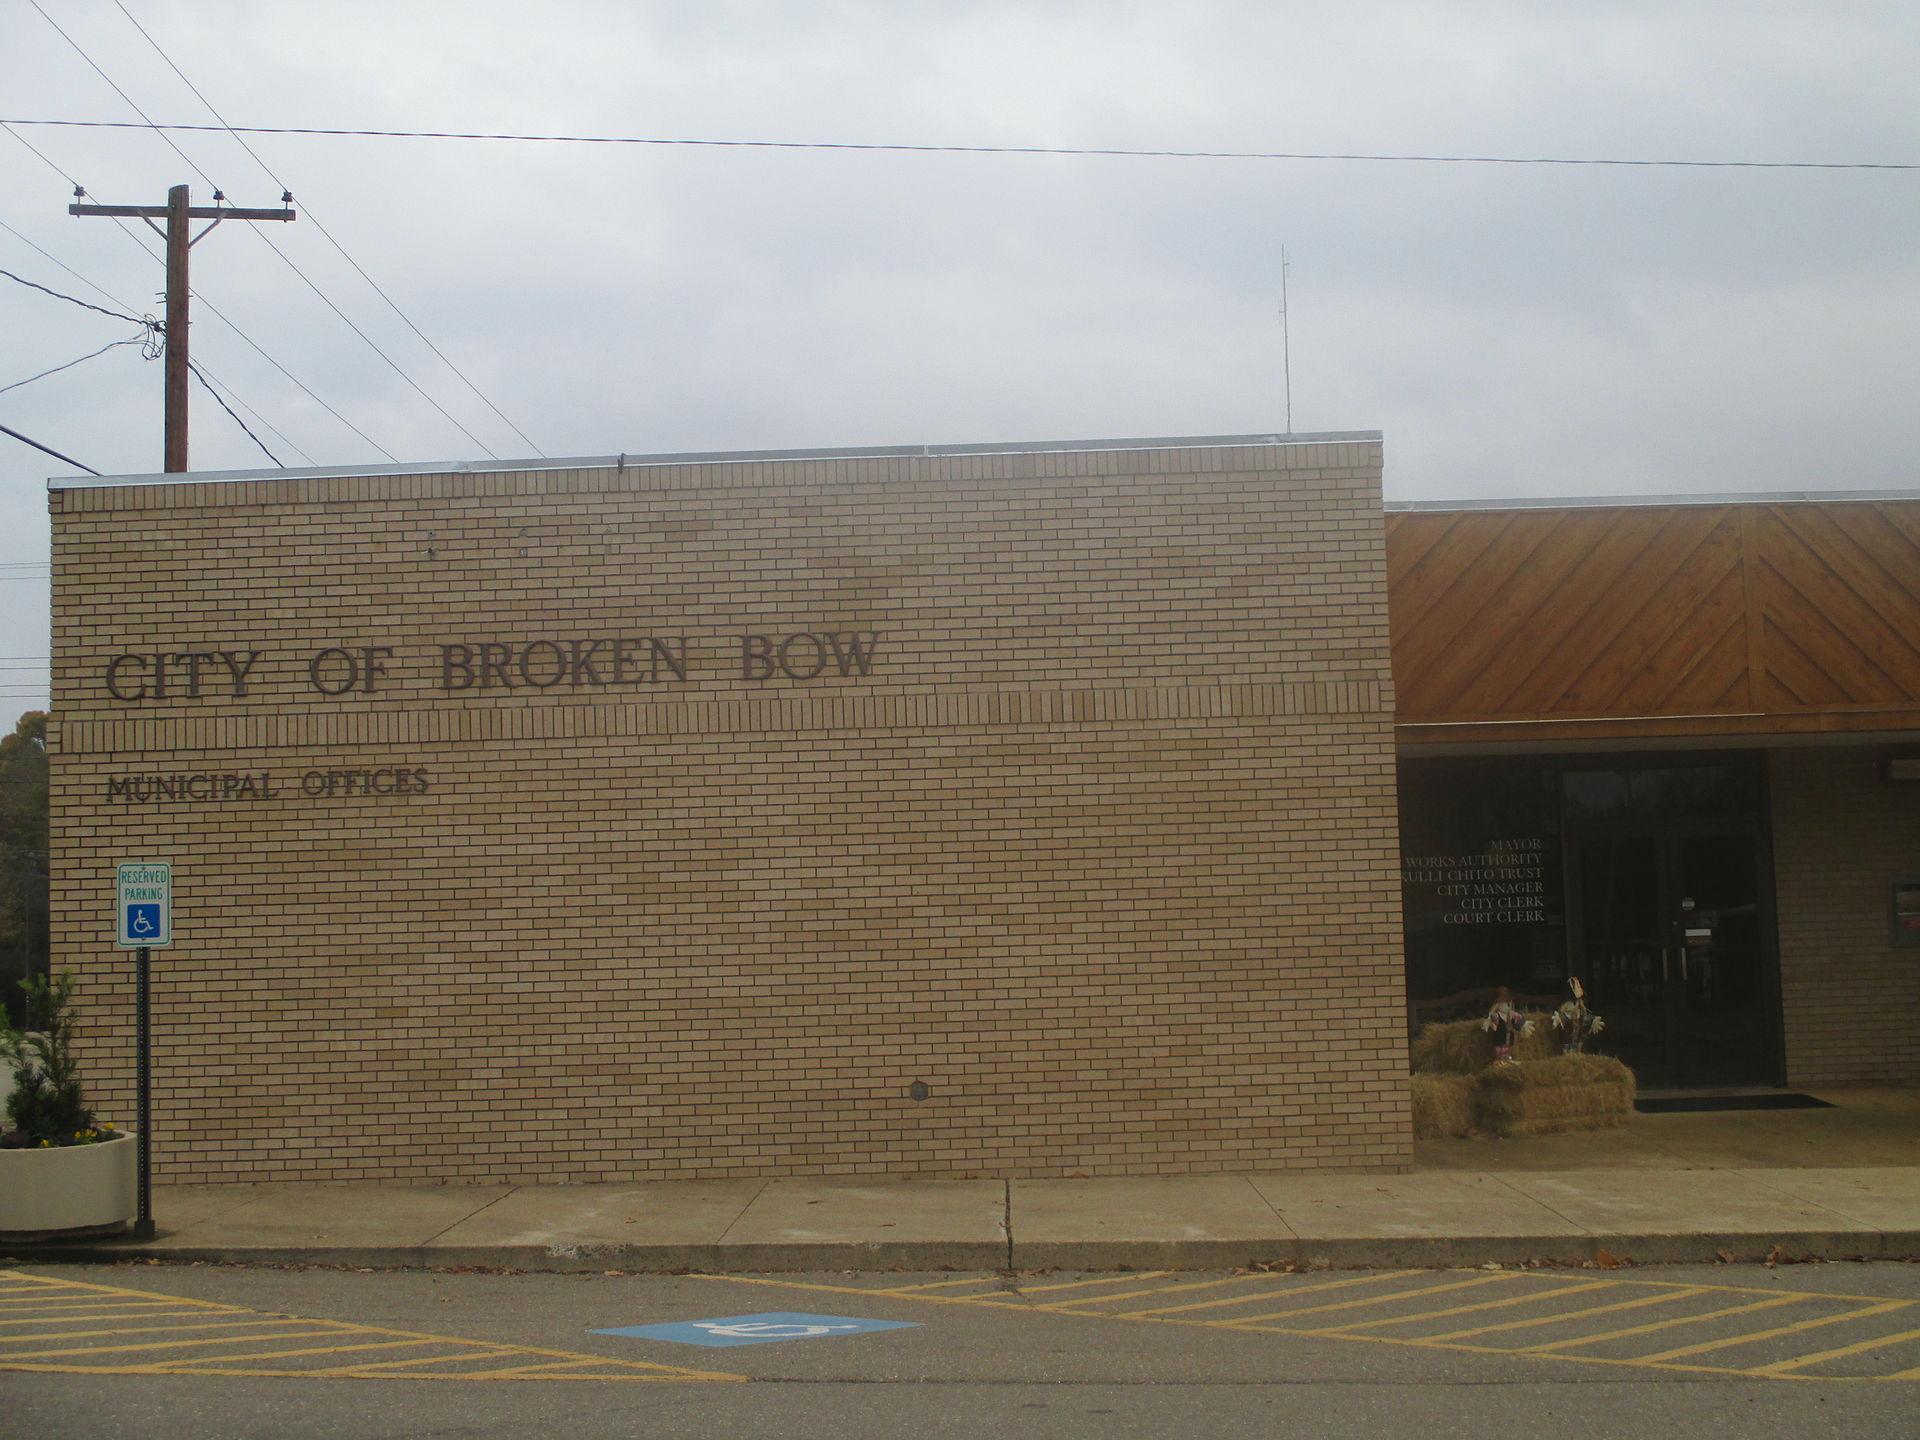 Broken Bow Oklahoma  Wikipedia